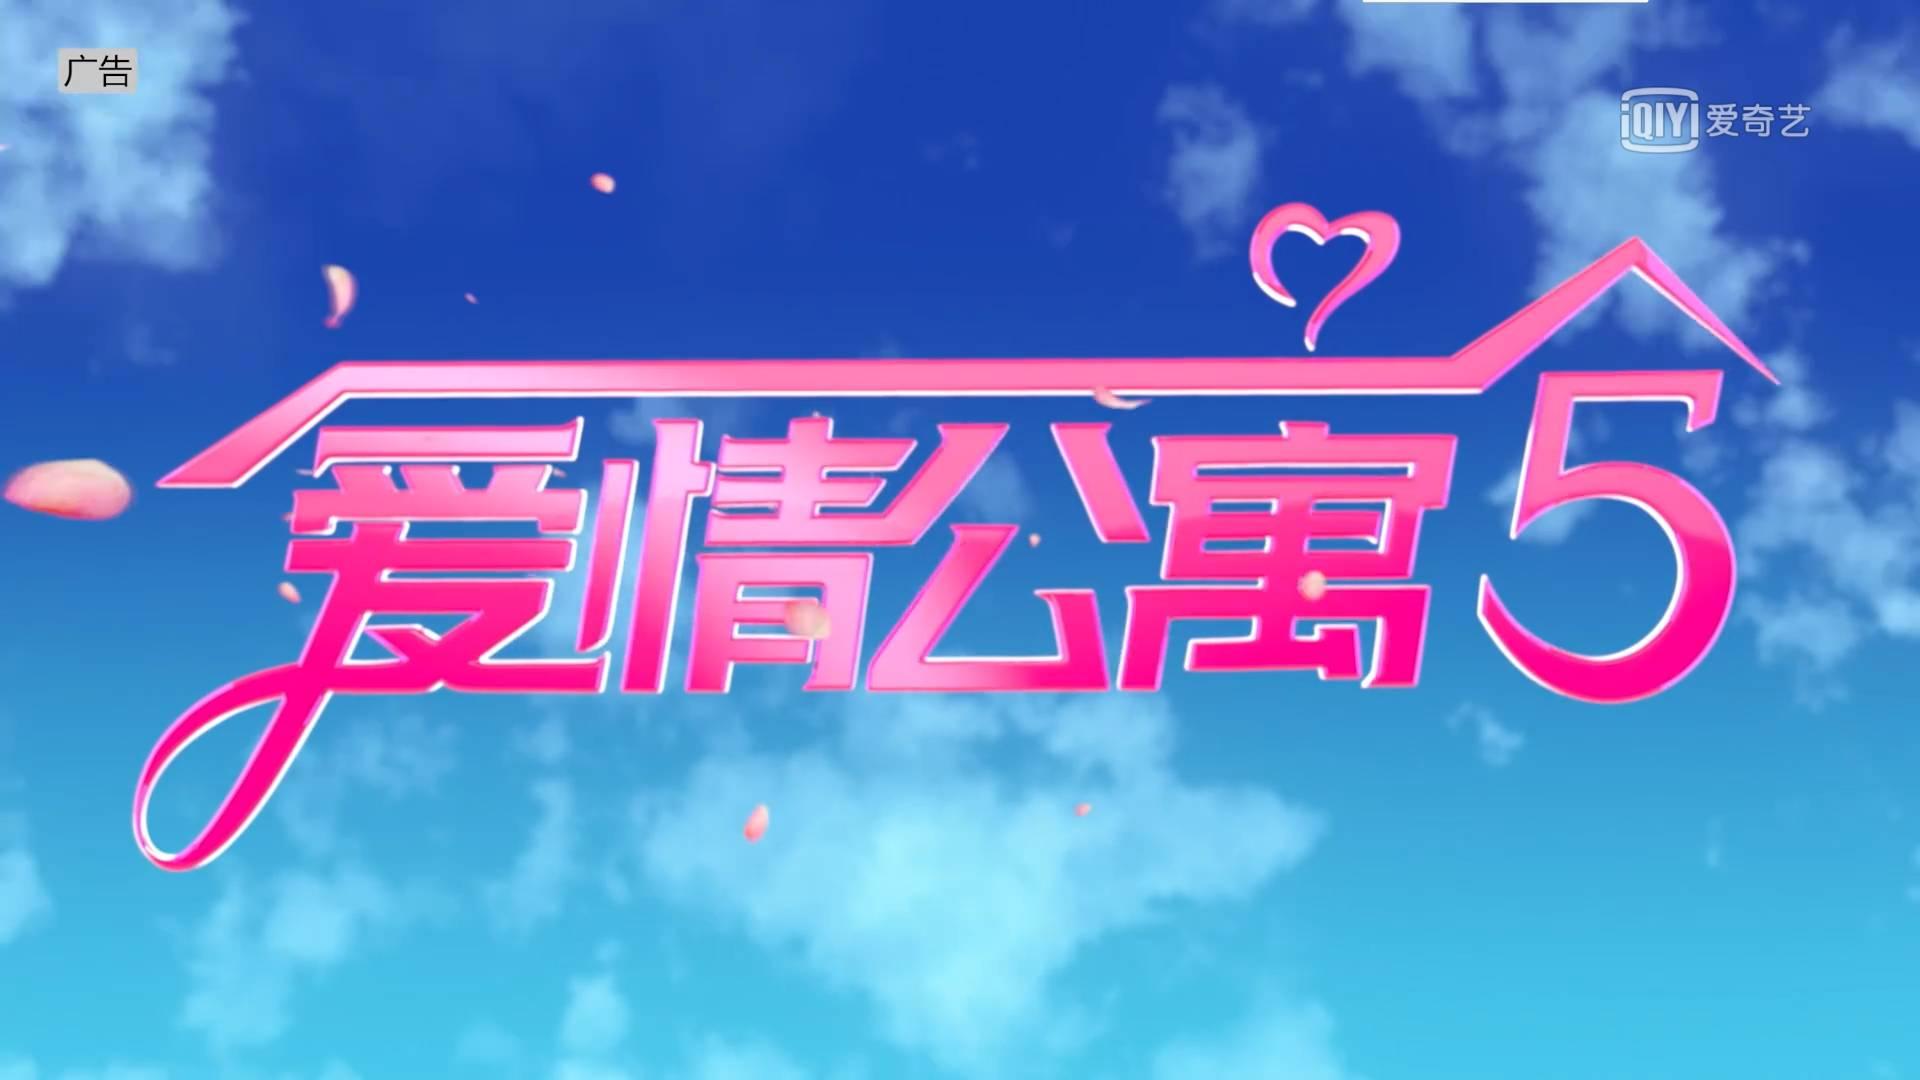 【耳机向】爱情公寓5季(全音乐精选集)